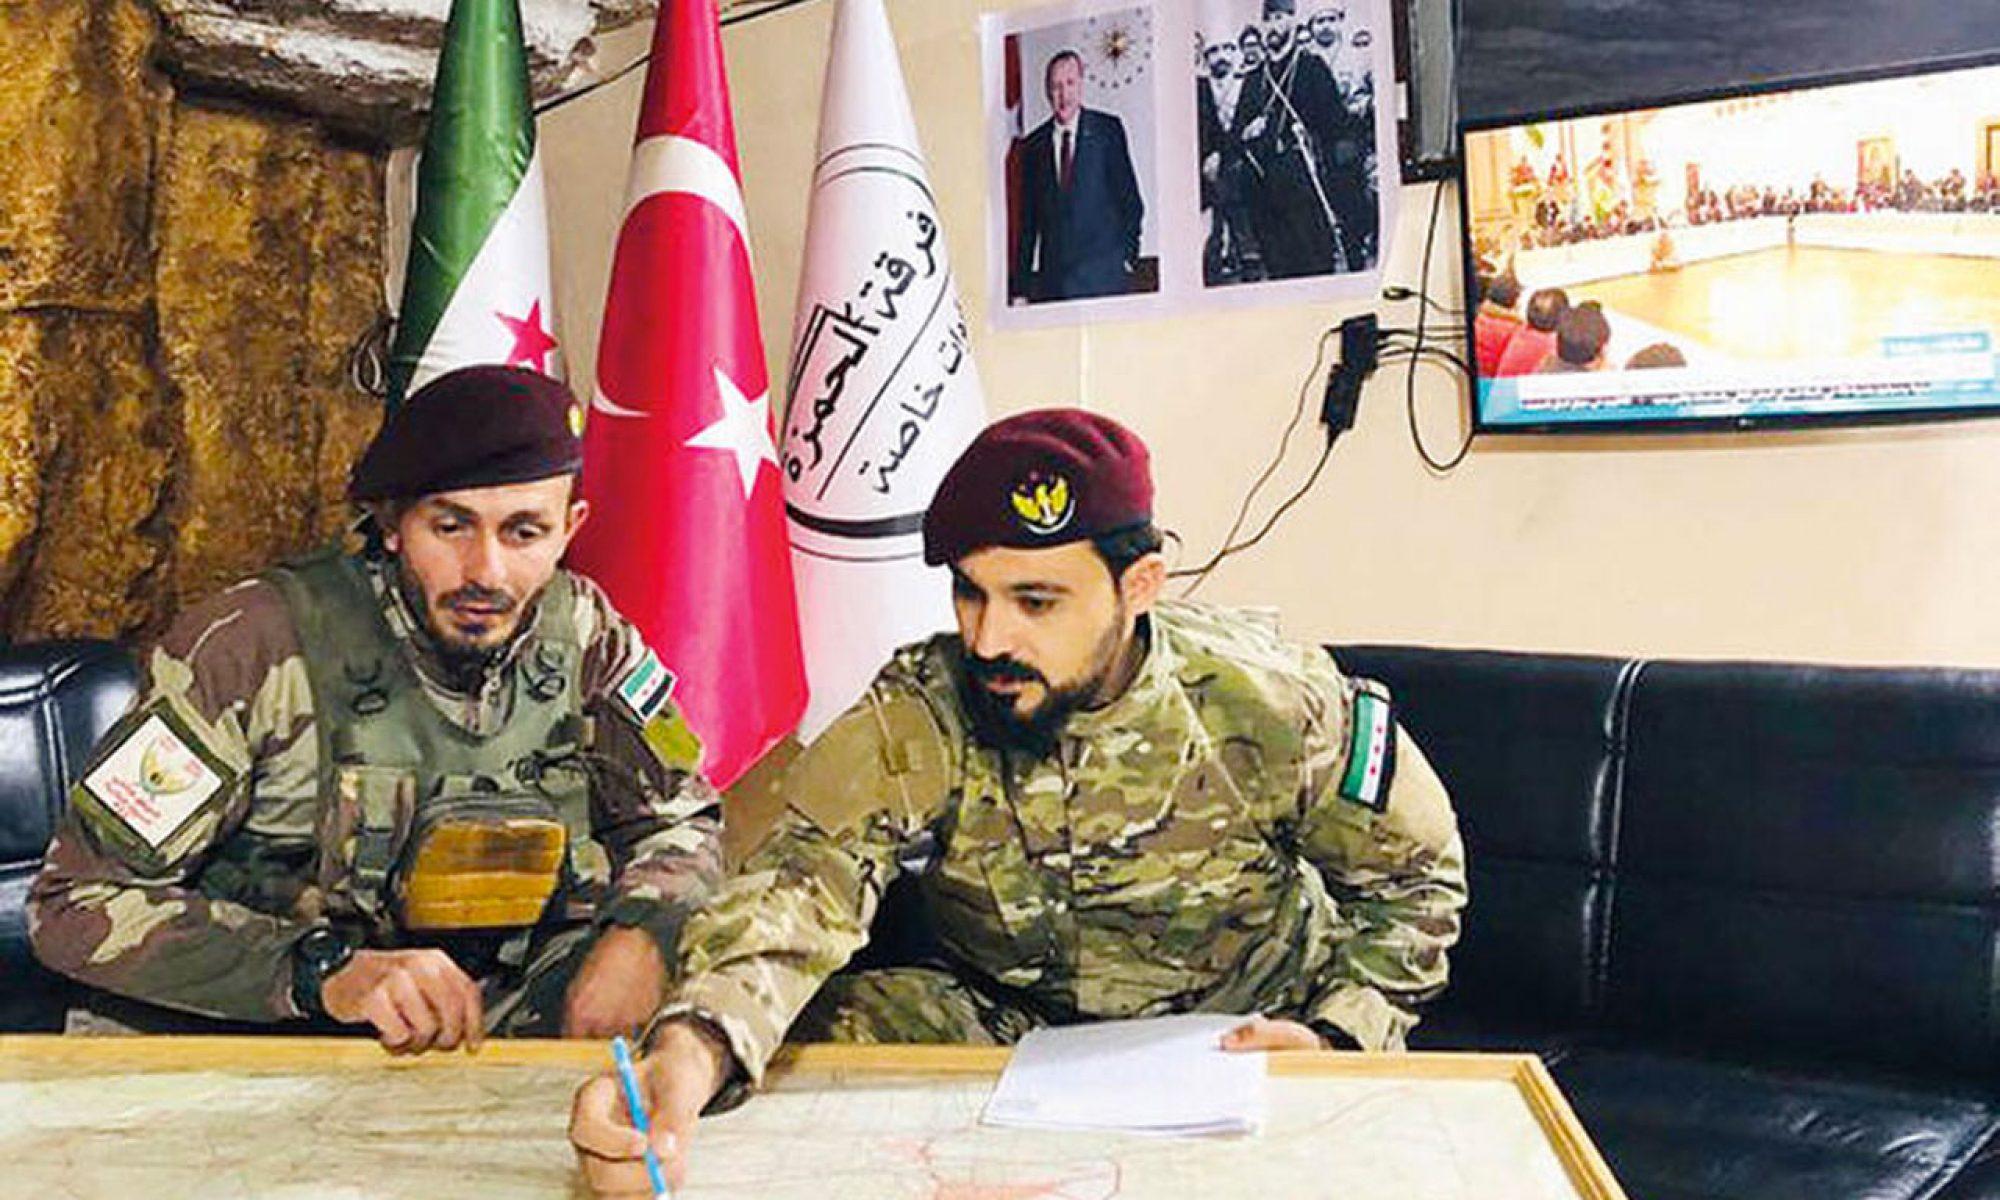 Türkiye destekli Özgür Suriye Ordusu mensubu öldürüldü